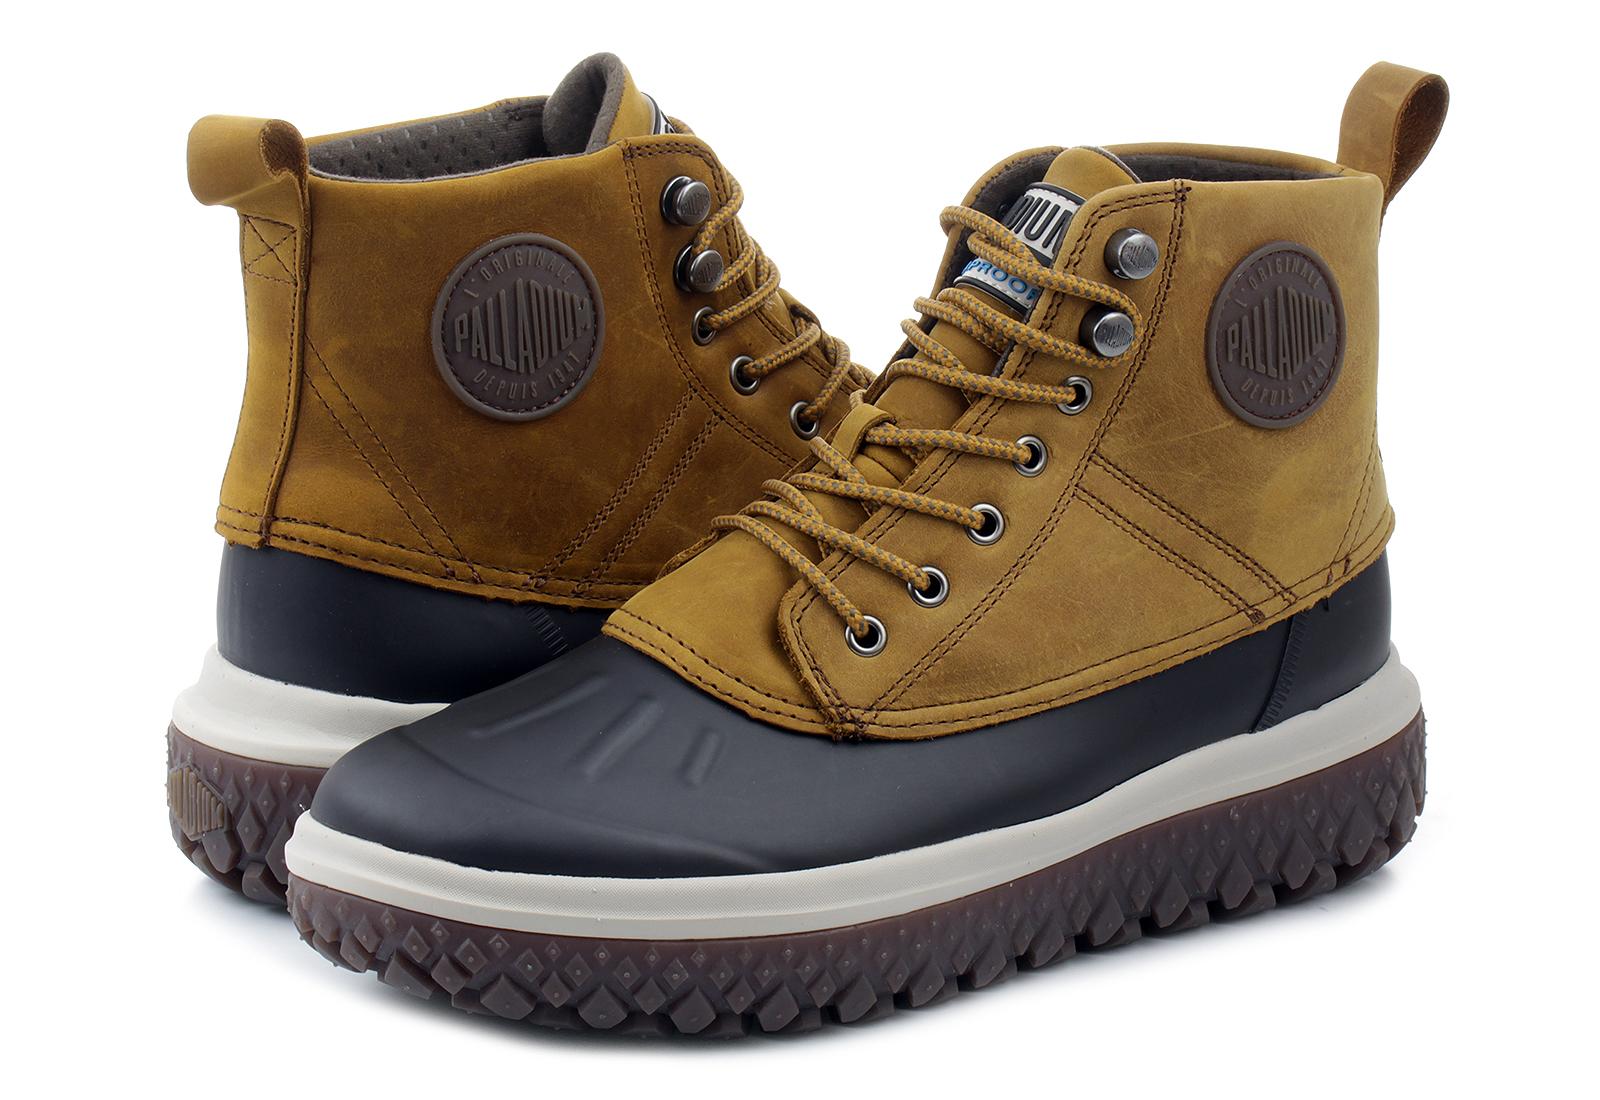 Palladium Boots - Crushion Scrambler Db L